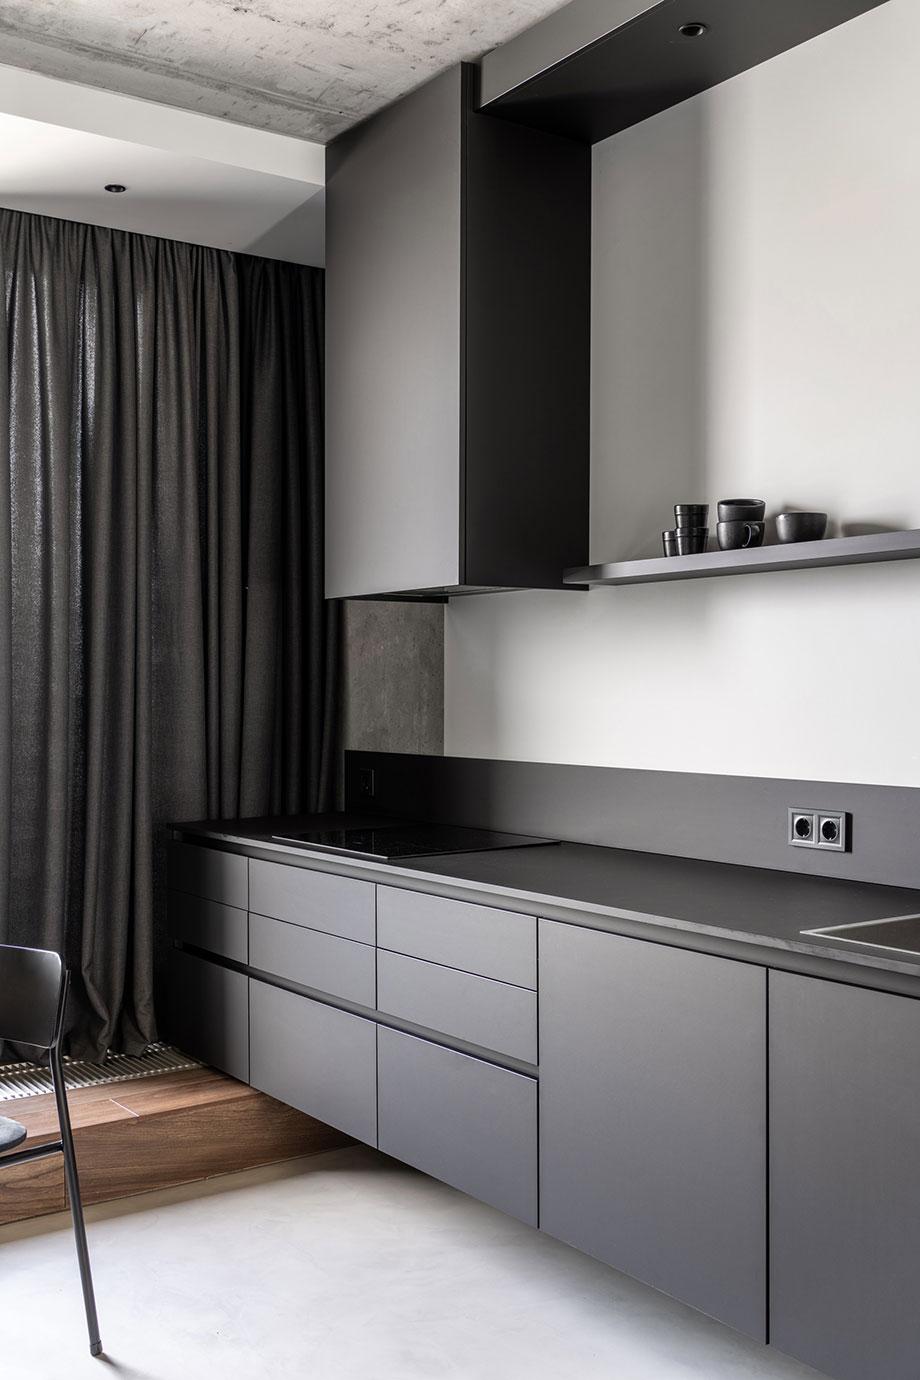 apartamento en kiev de fild (9) - foto andrey bezuglov